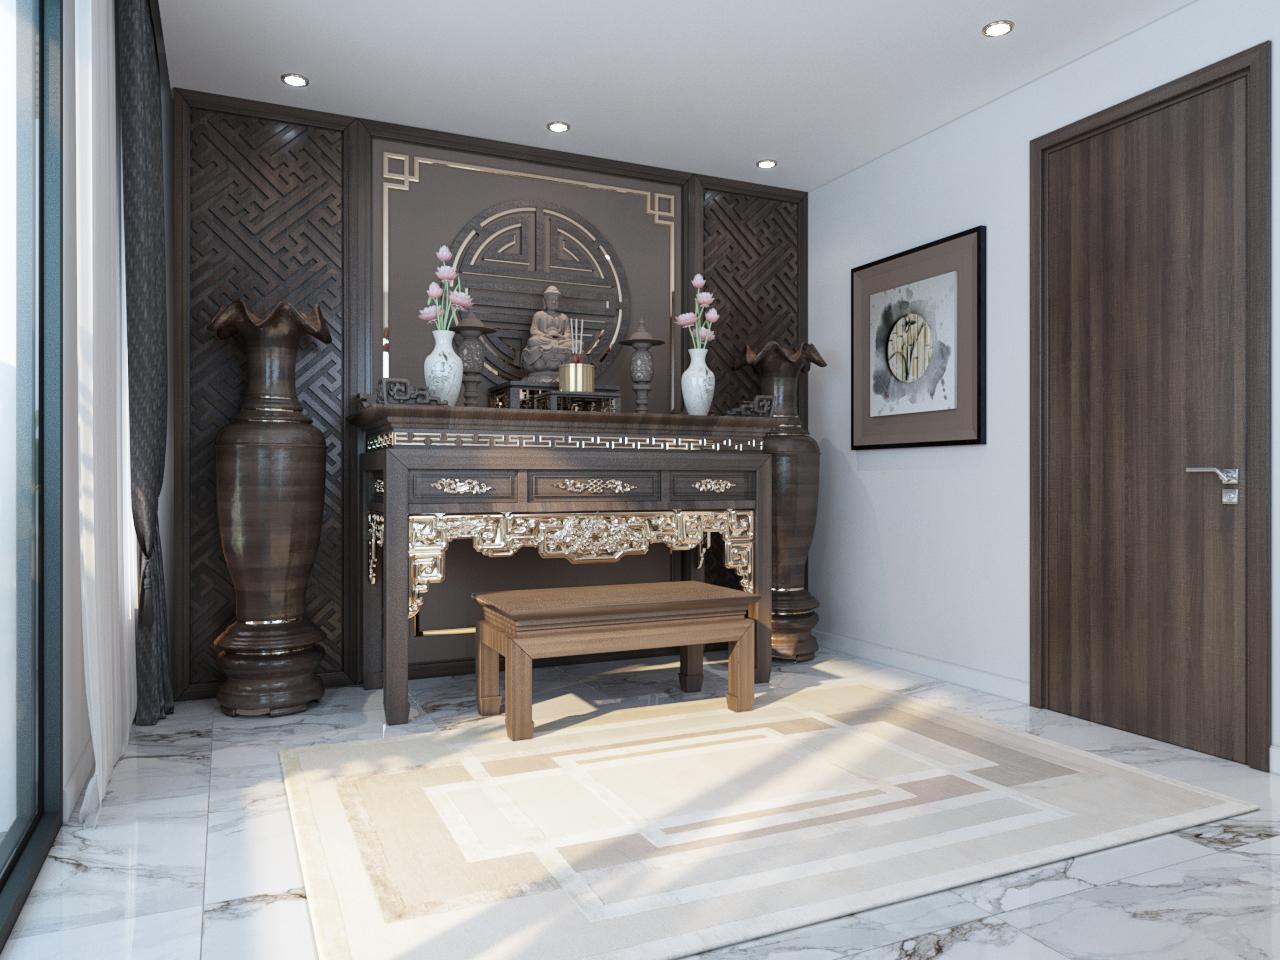 thiết kế nội thất Nhà Mặt Phố tại Hà Nội Nhà Phố - Văn Tiến Dũng 28 1562827648